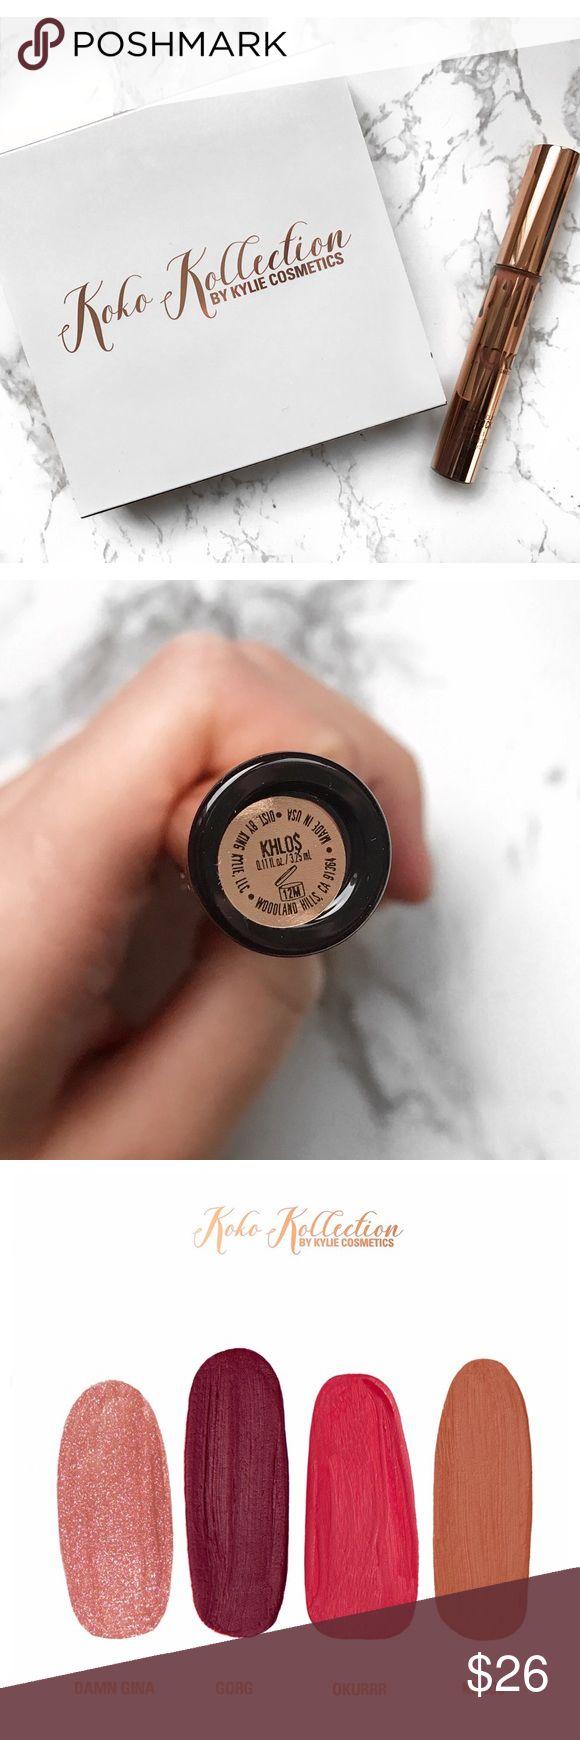 Koko Kollection Gorg Liquid Lipstick Alternatives